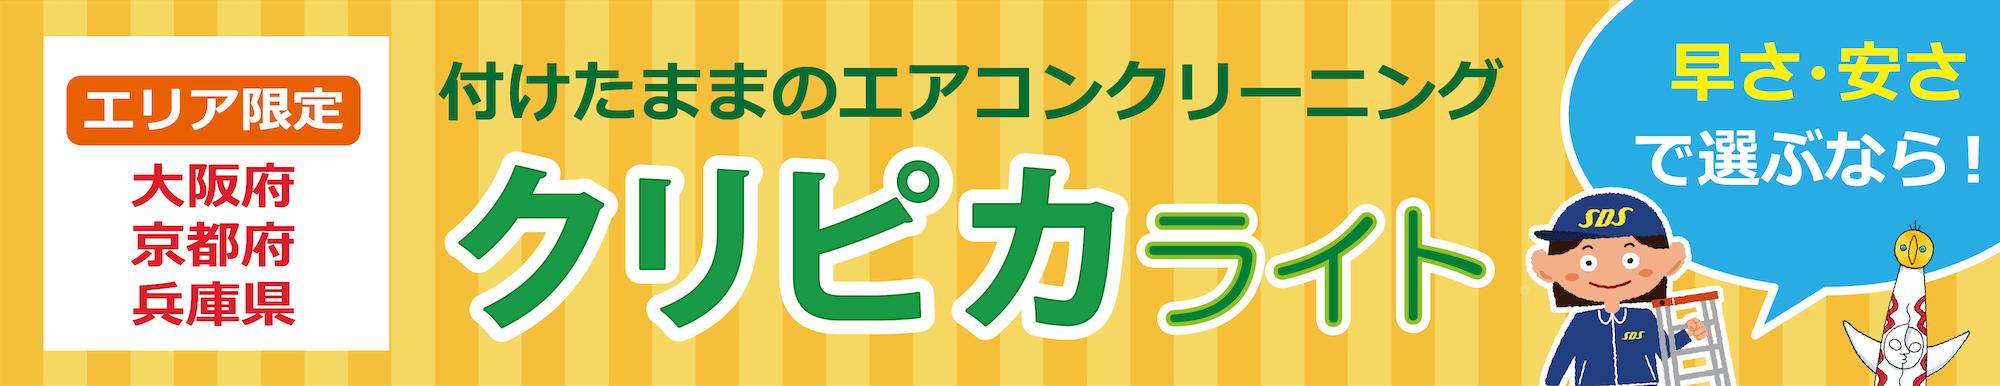 クリピカライトの紹介バナー